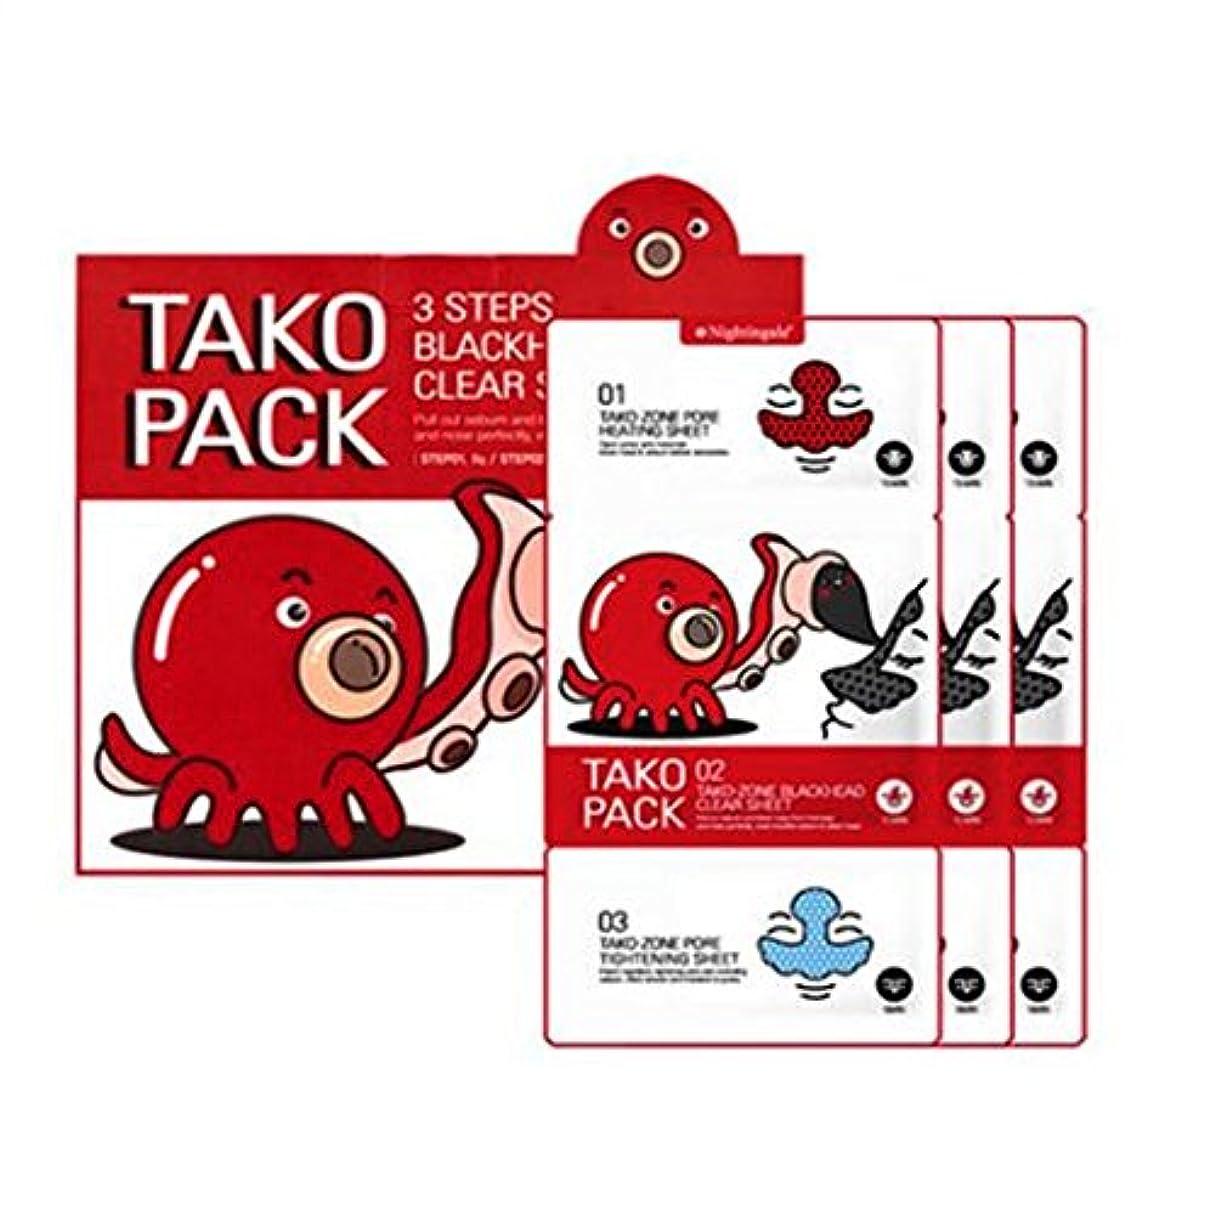 綺麗なシフトエレメンタルNightingale 3Step Tako Pack 3EA/ナイチンゲール 3ステップ タコ パック [タコ吸着パック] 3回分 [並行輸入品]